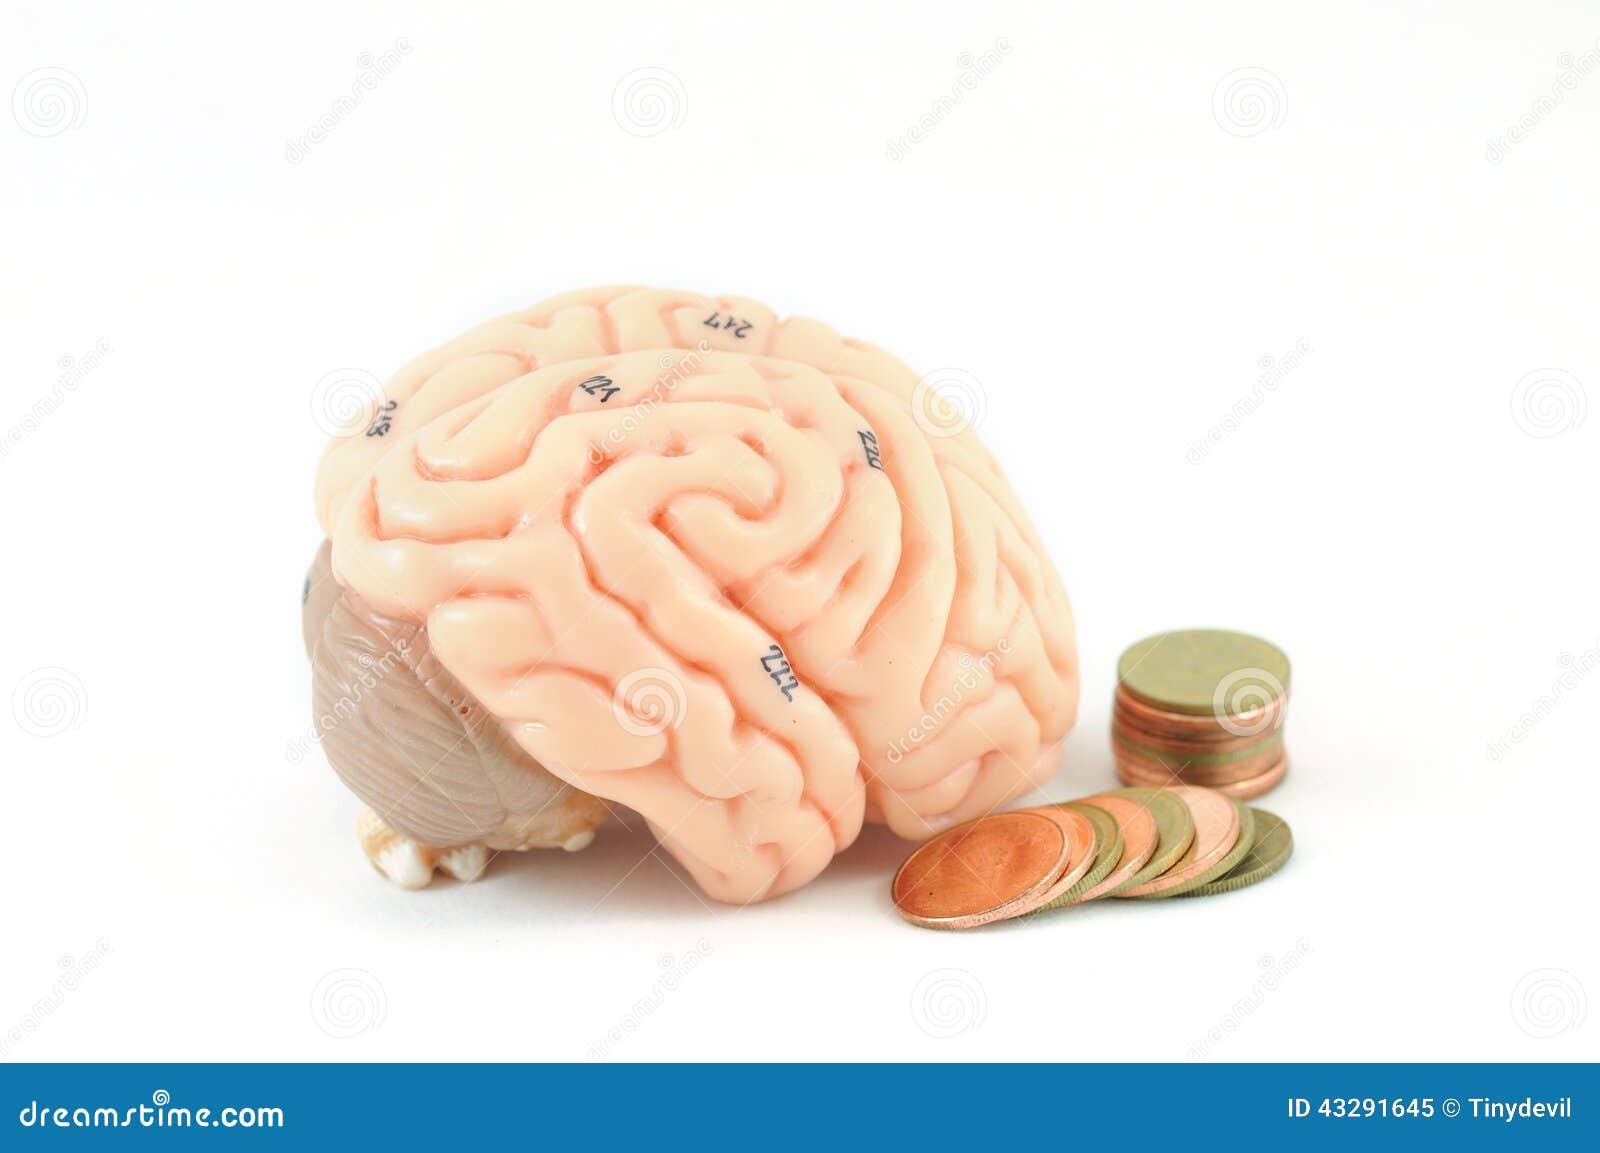 Human Brain Stock Image Image Of Nerve Memory Intelligence 43291645